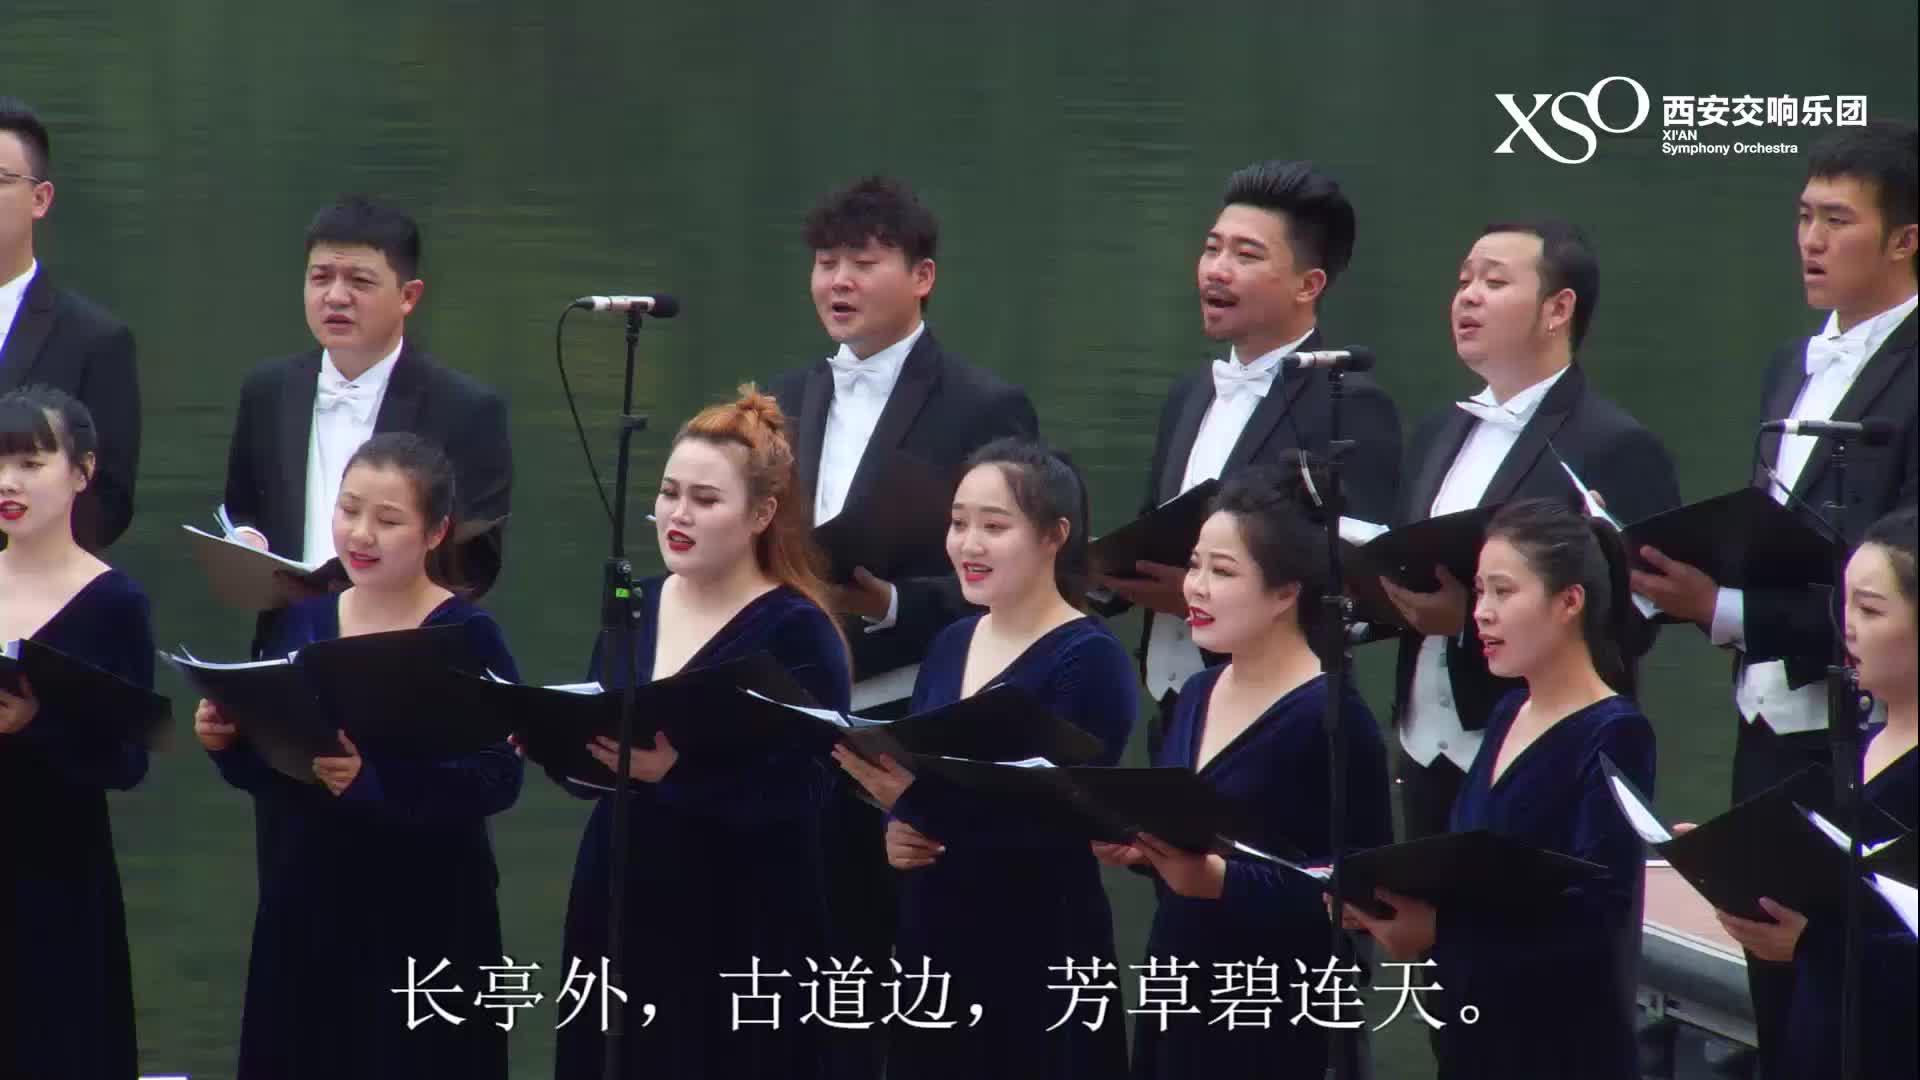 翠华山行音乐会——《城南送别》